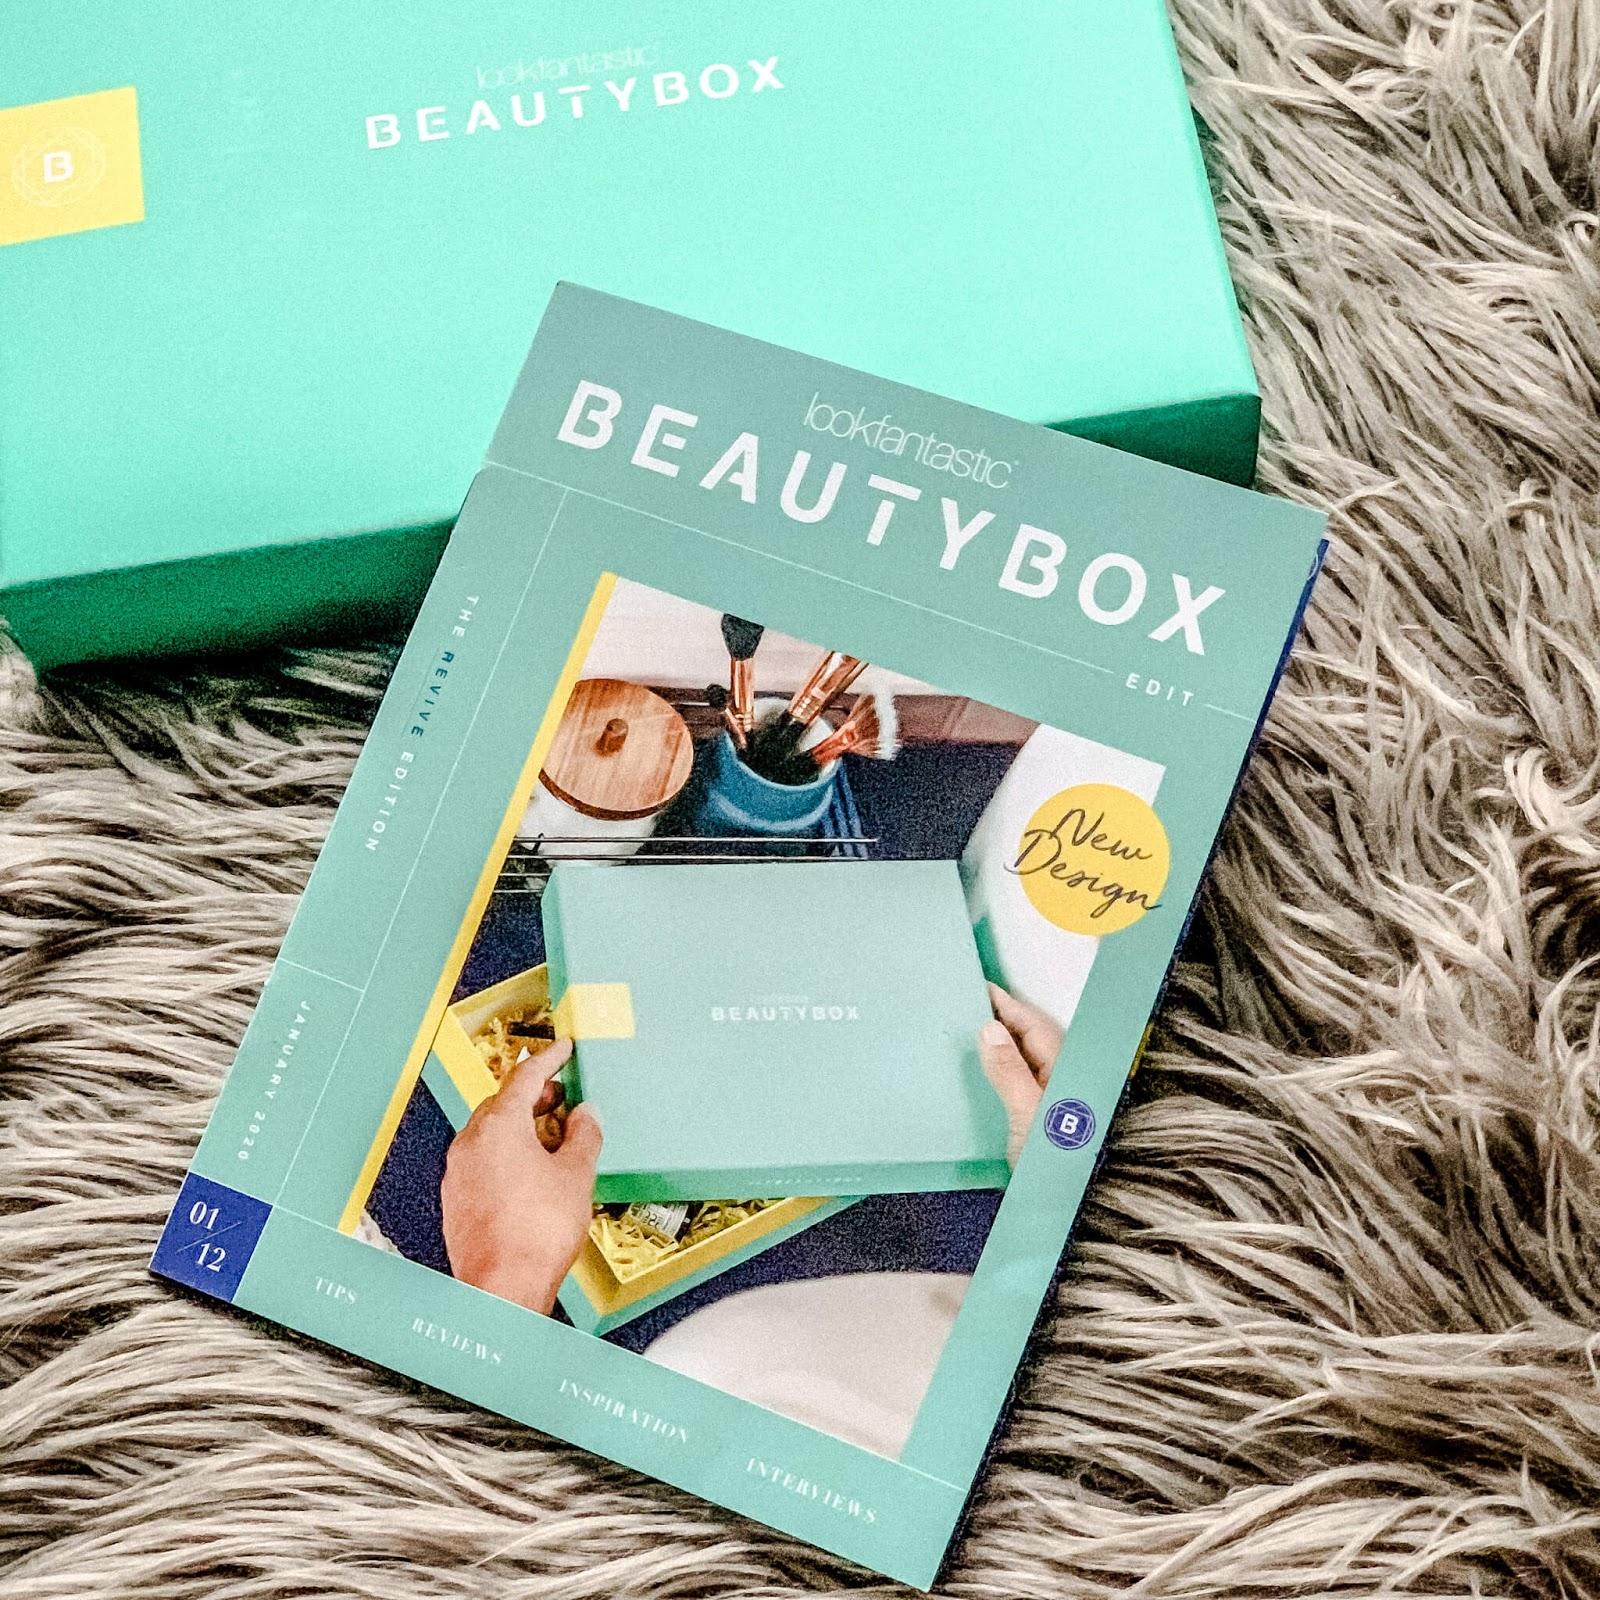 beautybox